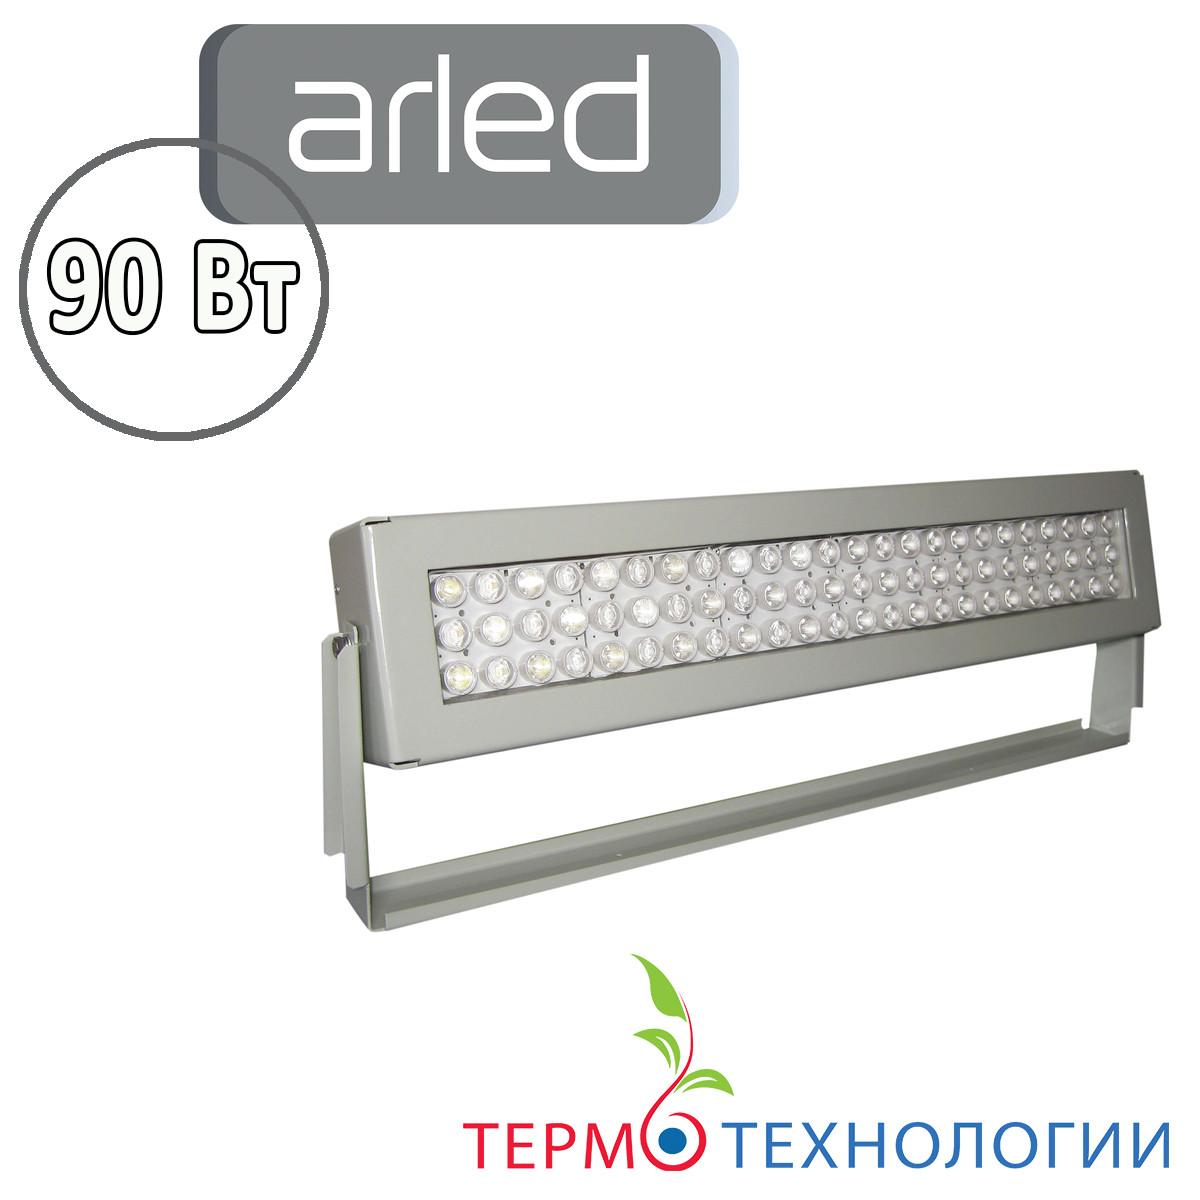 Светодиодный светильник Arled 90 Вт